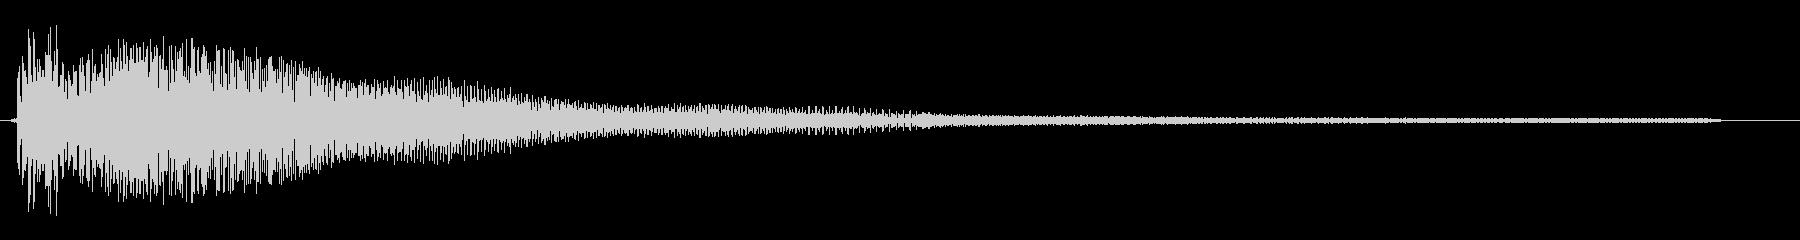 プワワワワ〜ン(金属)の未再生の波形